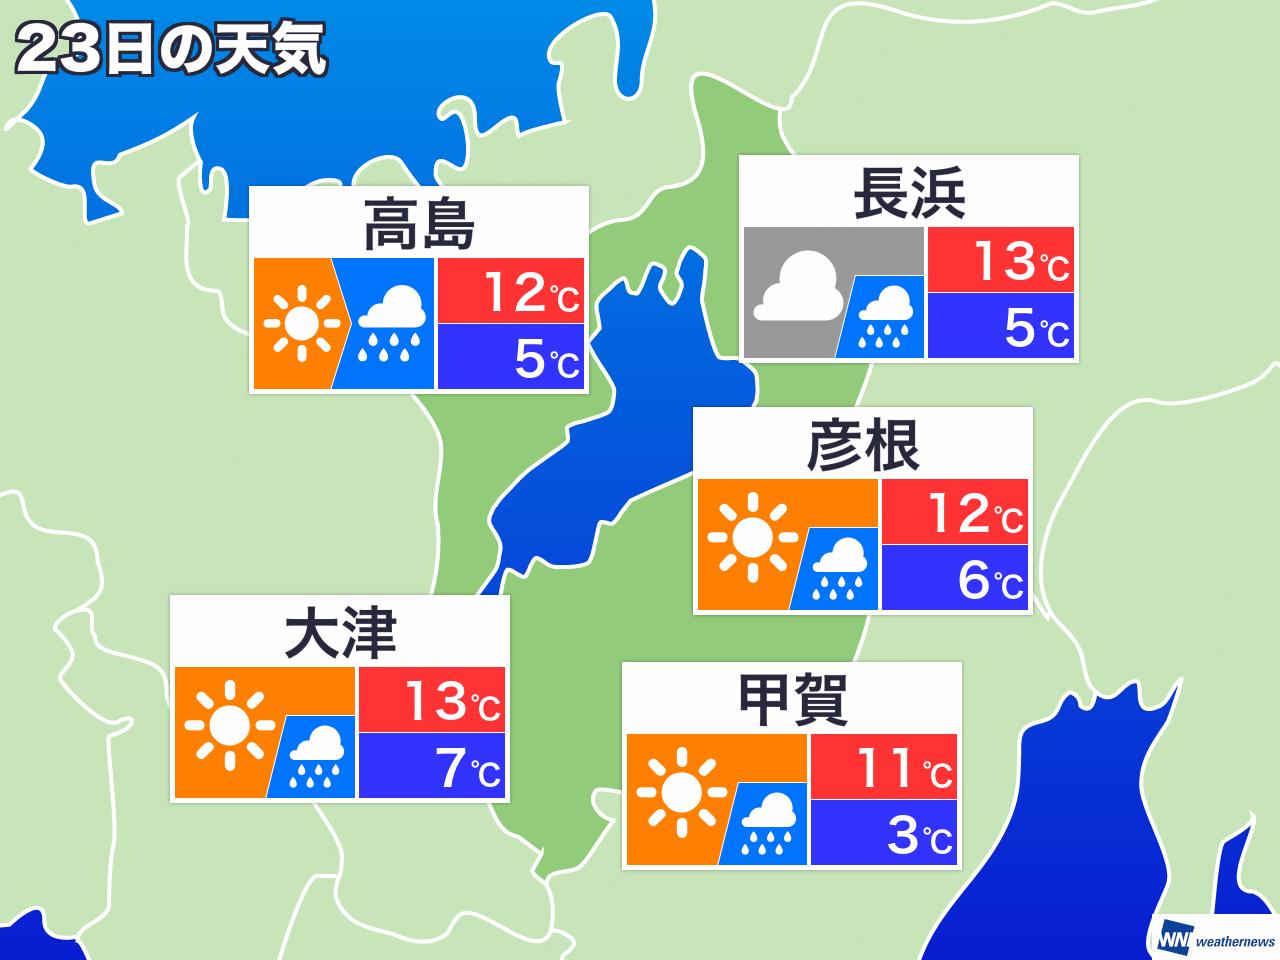 予報 清水 区 天気